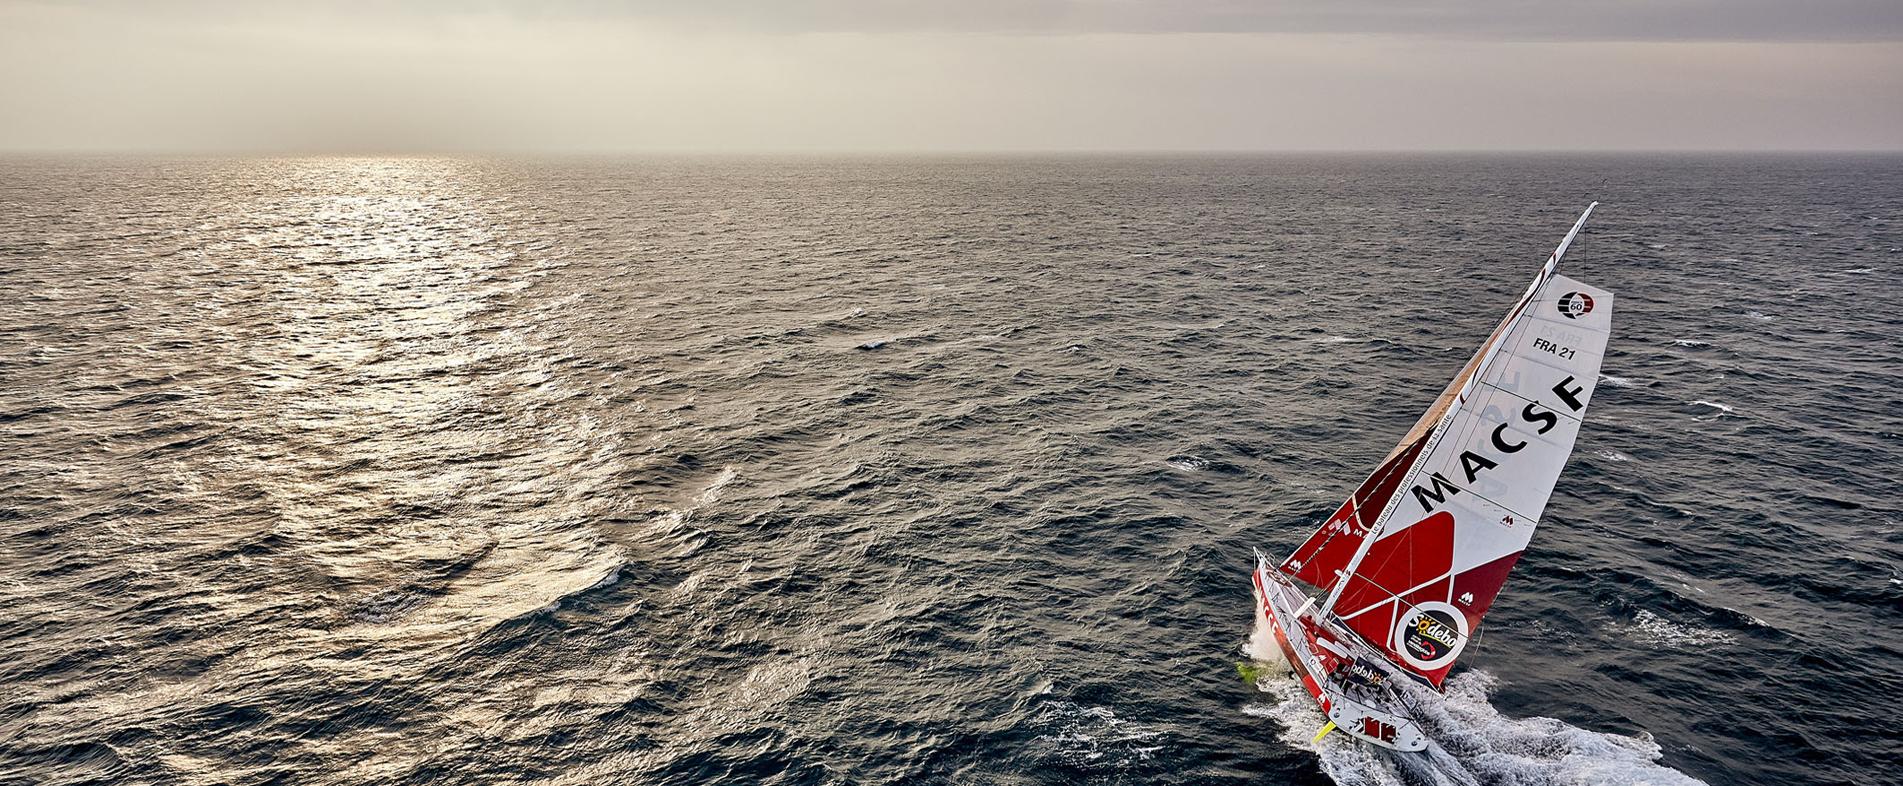 En 2016, la MACSF a pris part au Vendée Globe. Une aventure humaine incroyable, avec le skipper Bertrand de Broc soutenu par des milliers de professionnels de santé.